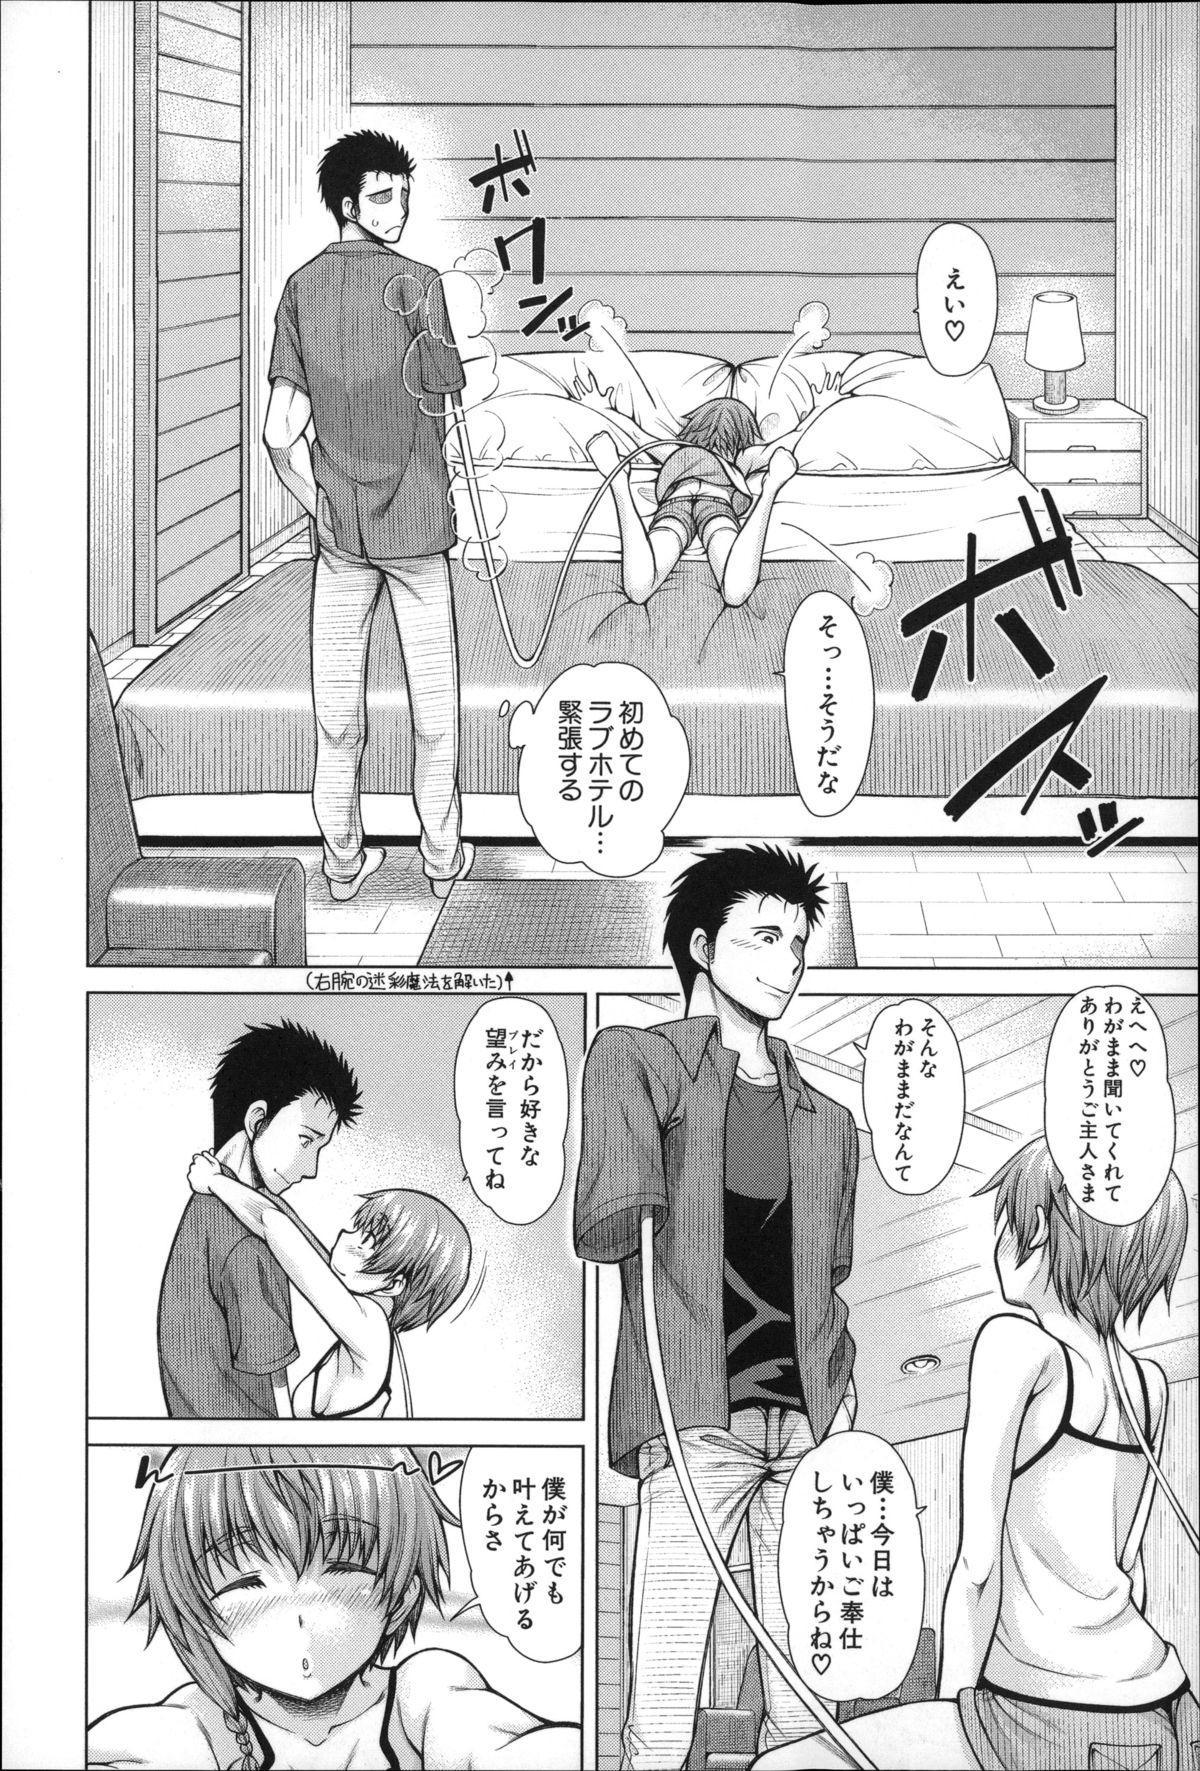 Migite ga Bishoujo ni Natta kara Sex Shita kedo Doutei dayone!! 46